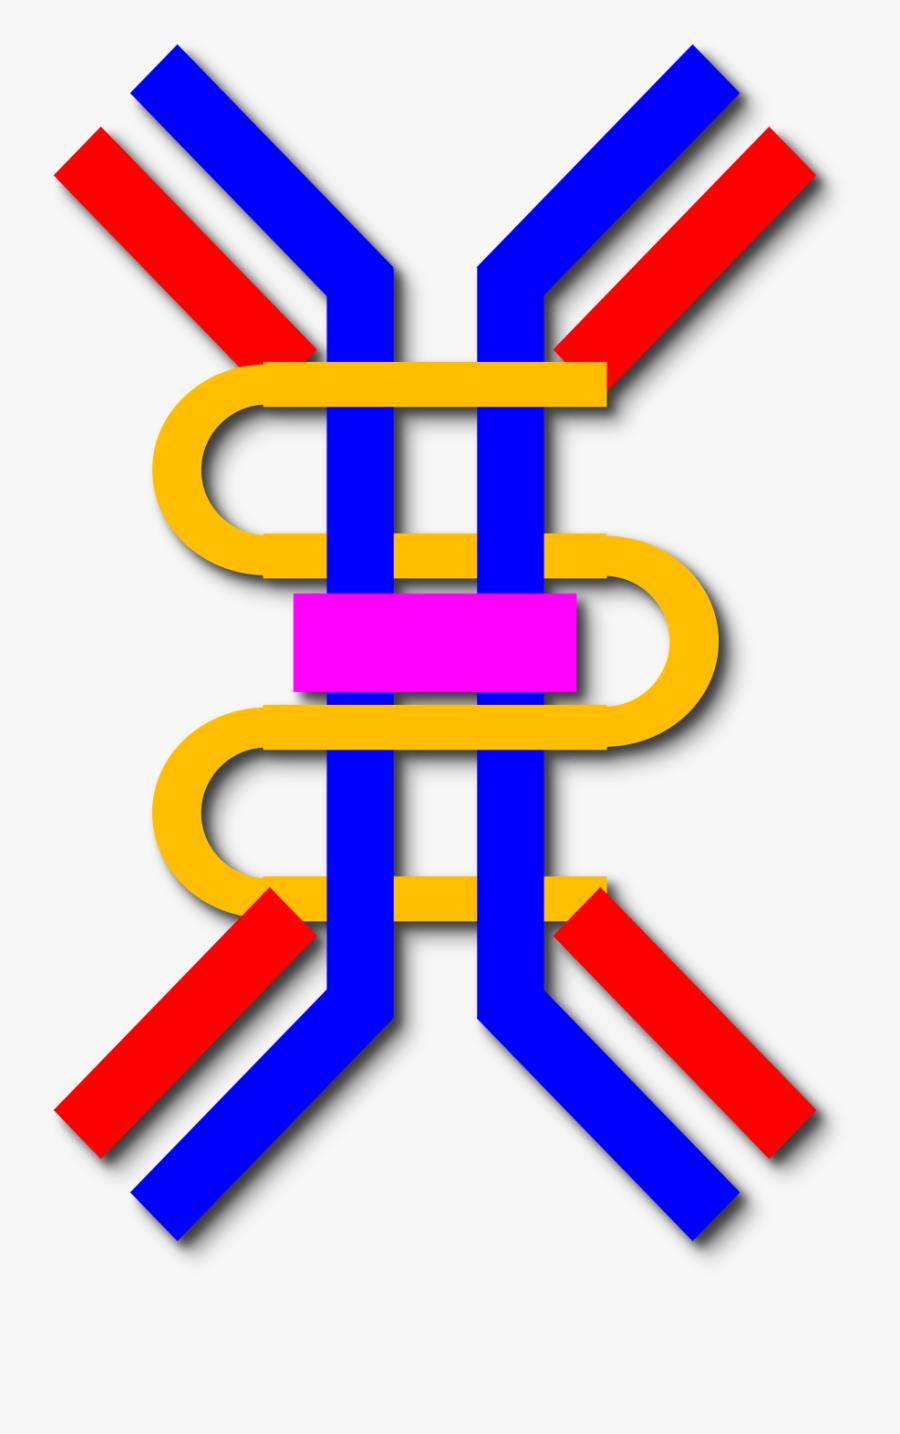 Iga Antibody Png Clipart , Png Download - Iga Antibody Png, Transparent Clipart